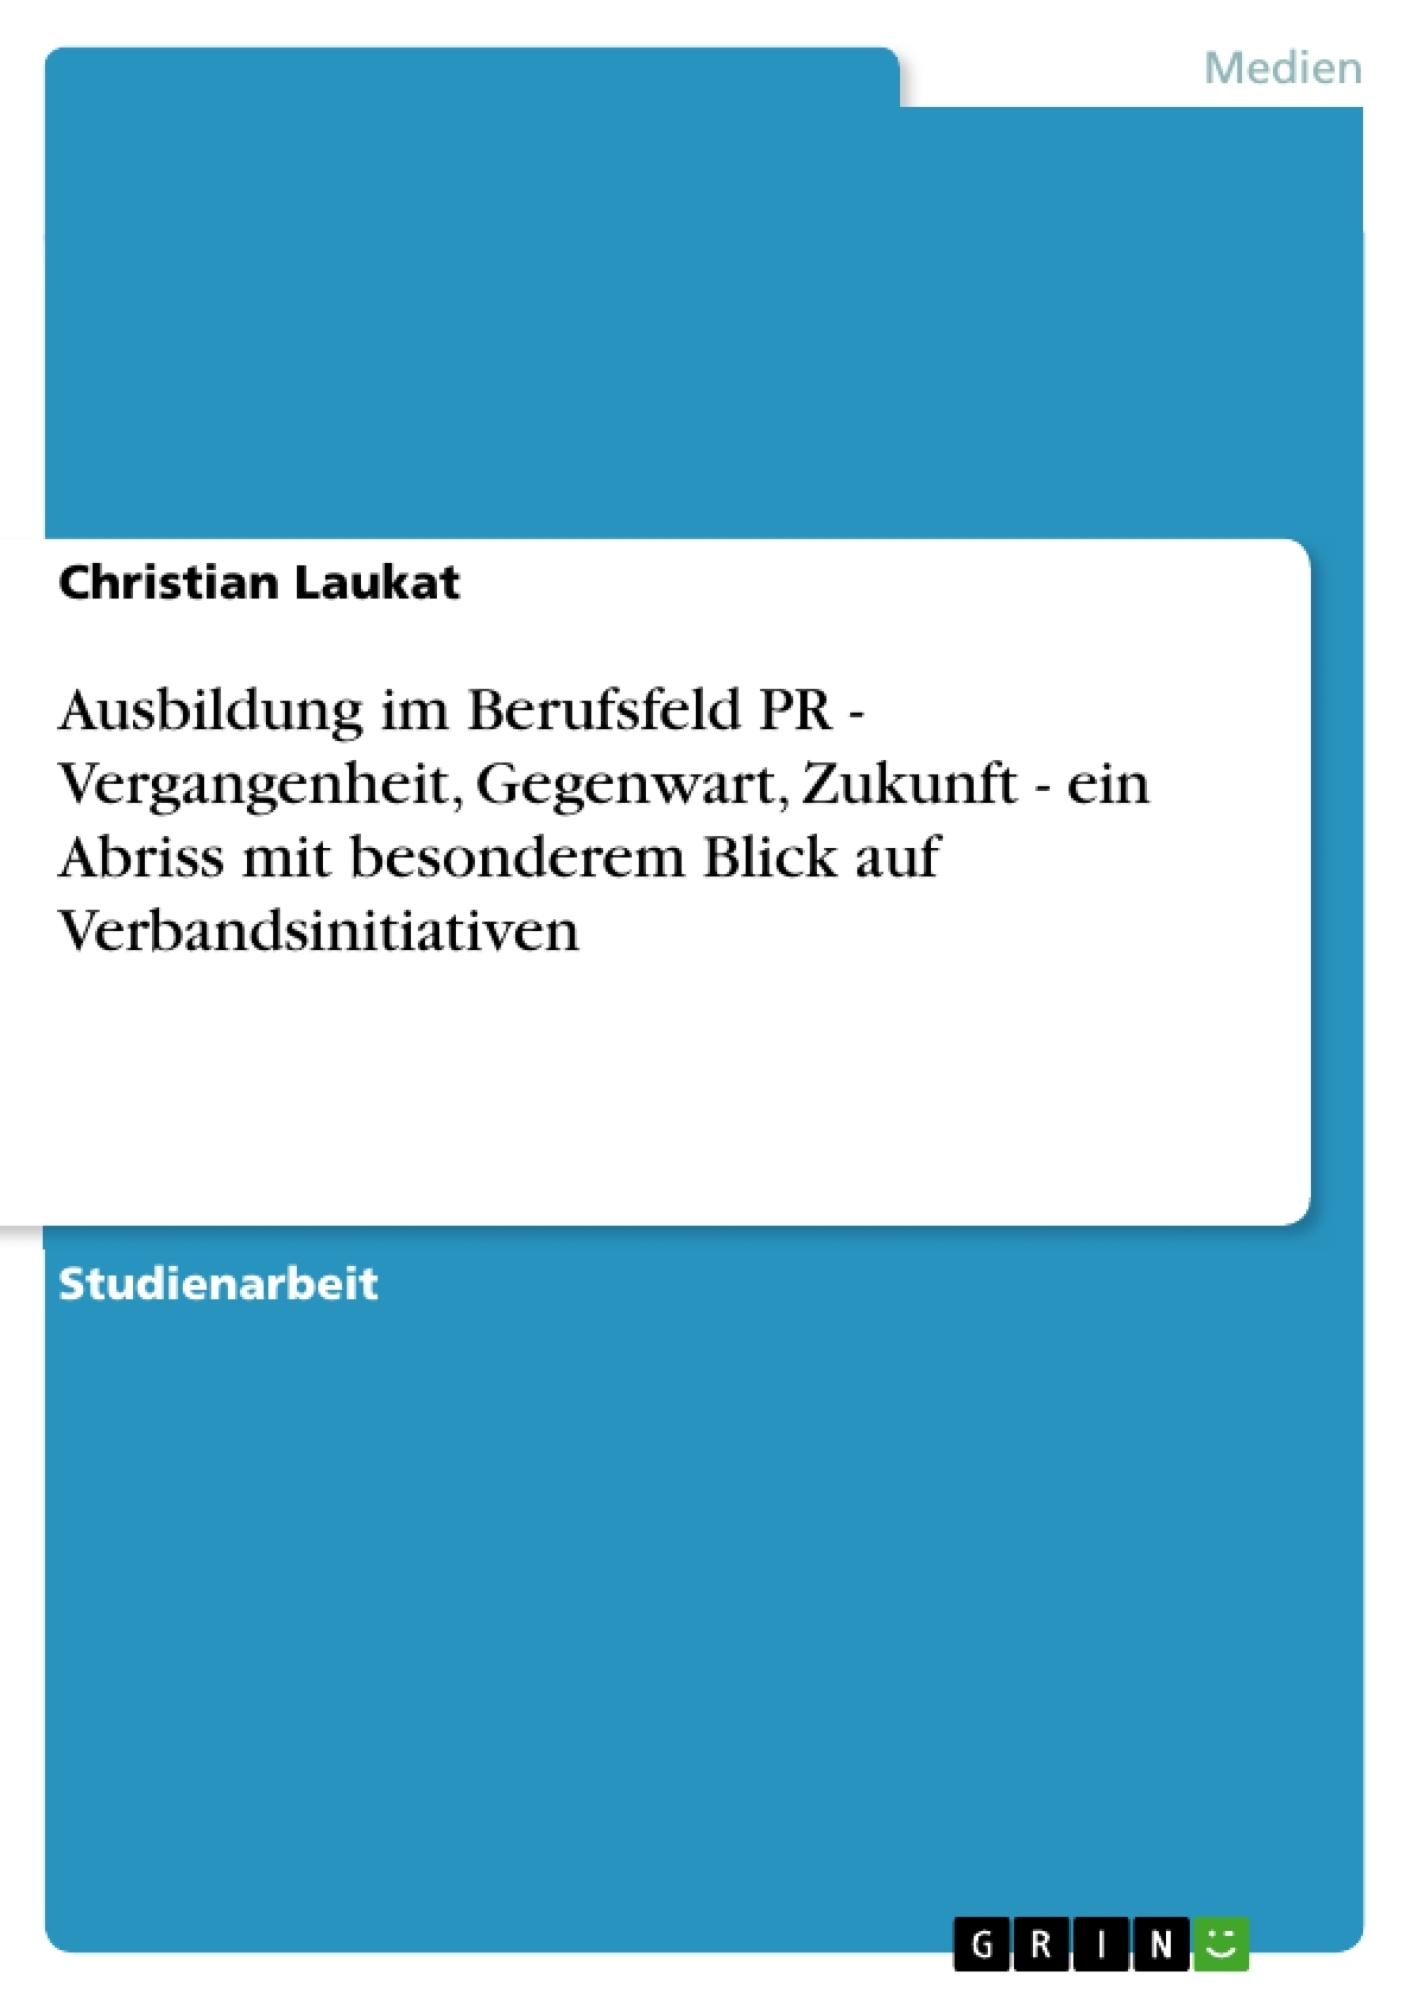 Titel: Ausbildung im Berufsfeld PR - Vergangenheit, Gegenwart, Zukunft - ein Abriss mit besonderem Blick auf Verbandsinitiativen